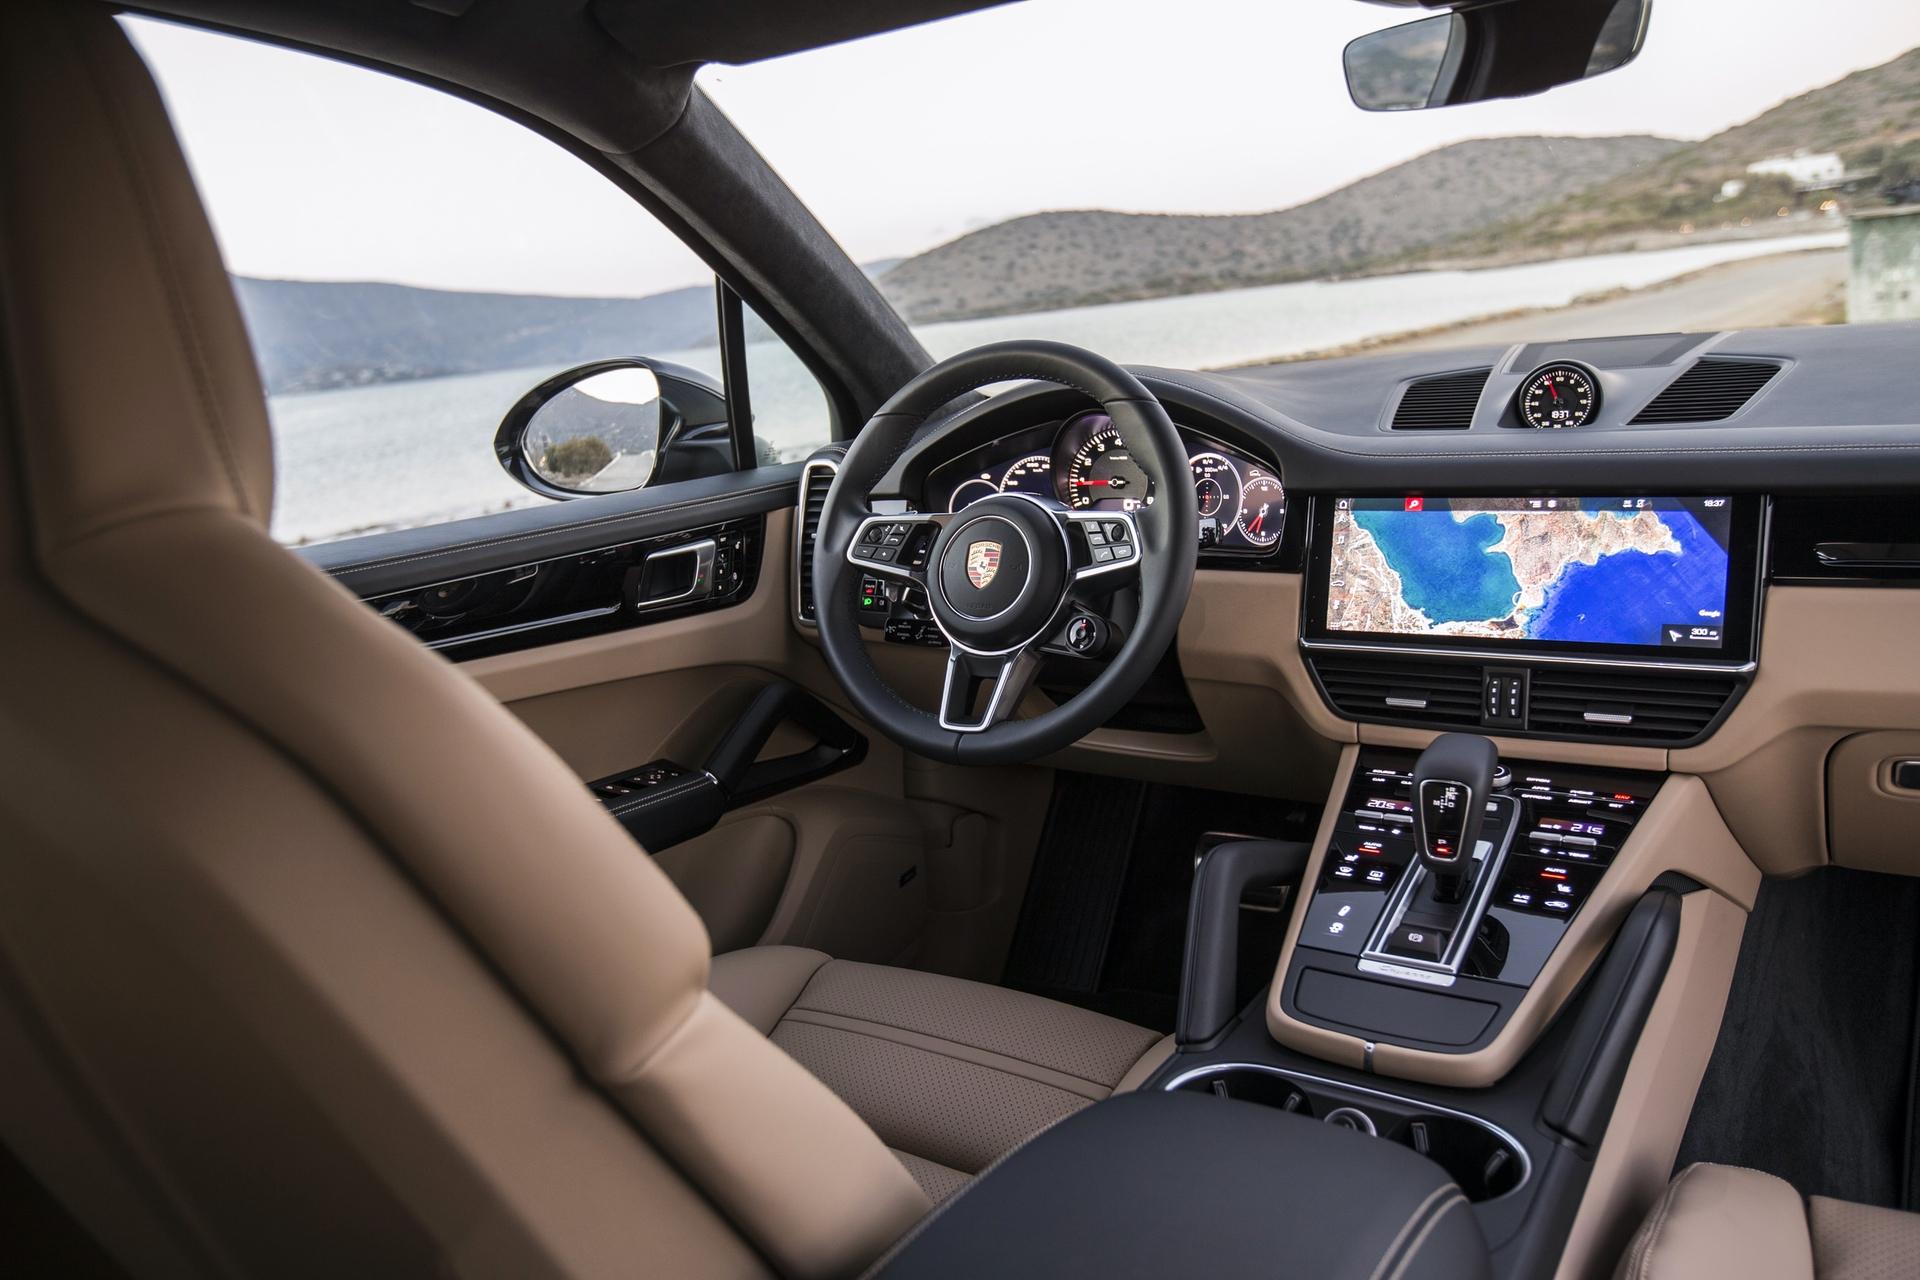 Test_Drive_Porsche_Cayenne_315